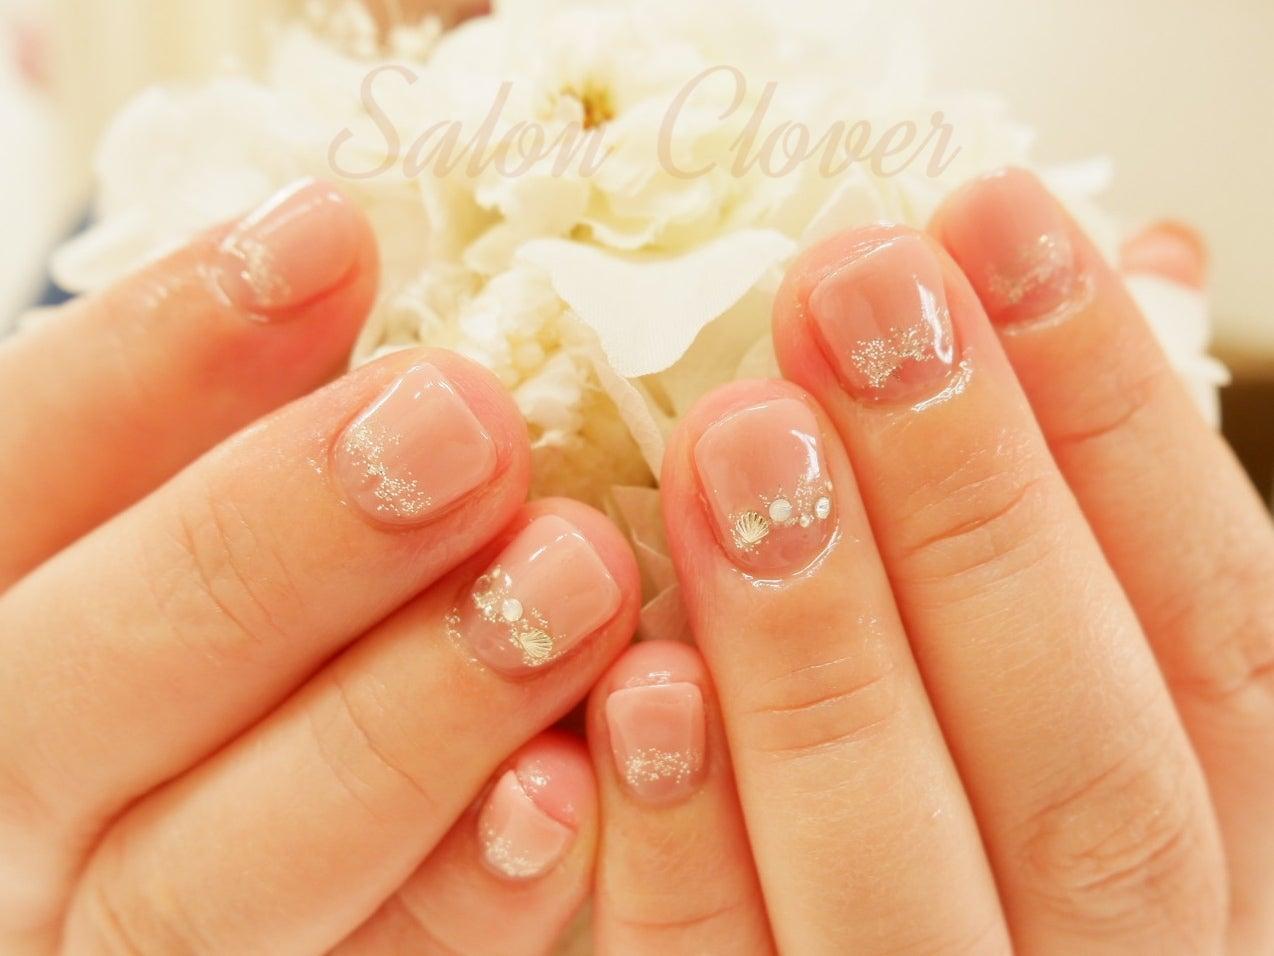 短いお爪のショートネイルさんにもかわいい、逆フレンチのオフィスネイル☆自爪に優しいカルジェル